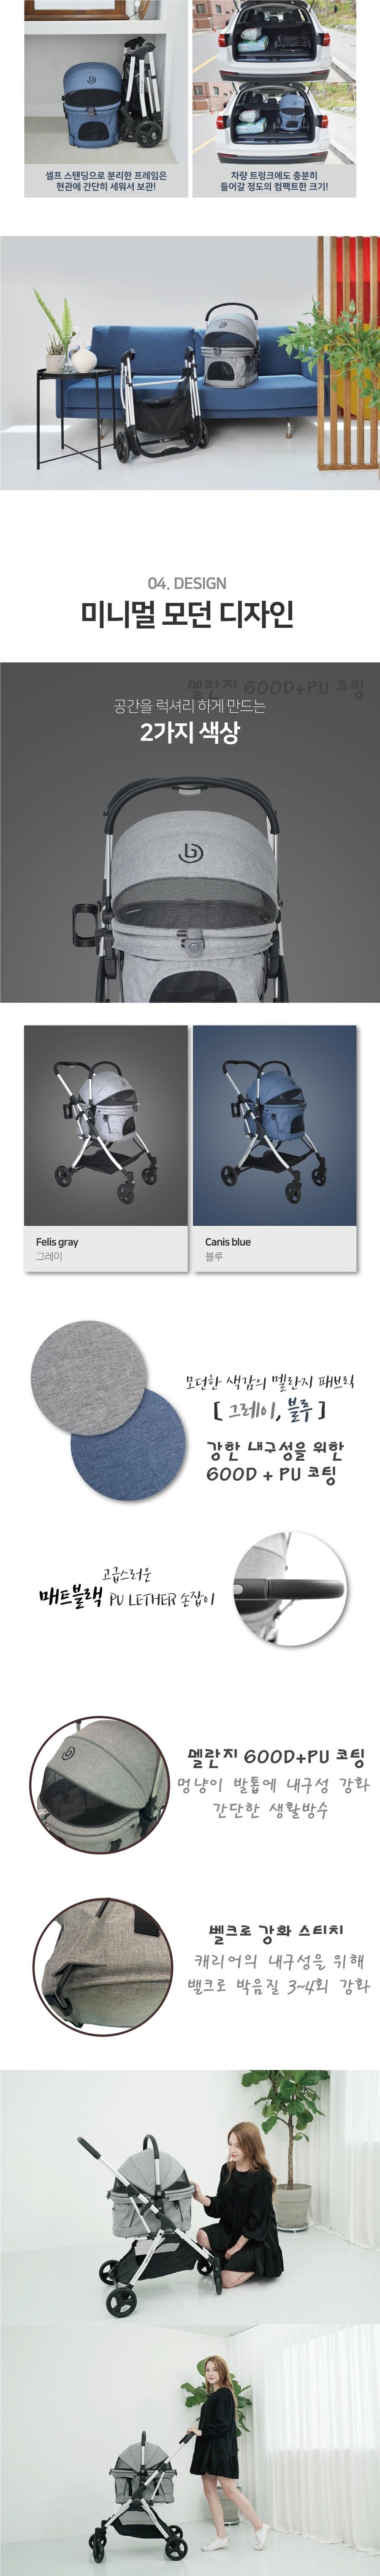 낫쏘빅 도로시 유모차 (펠리스그레이/캐니스블루)-상품이미지-3